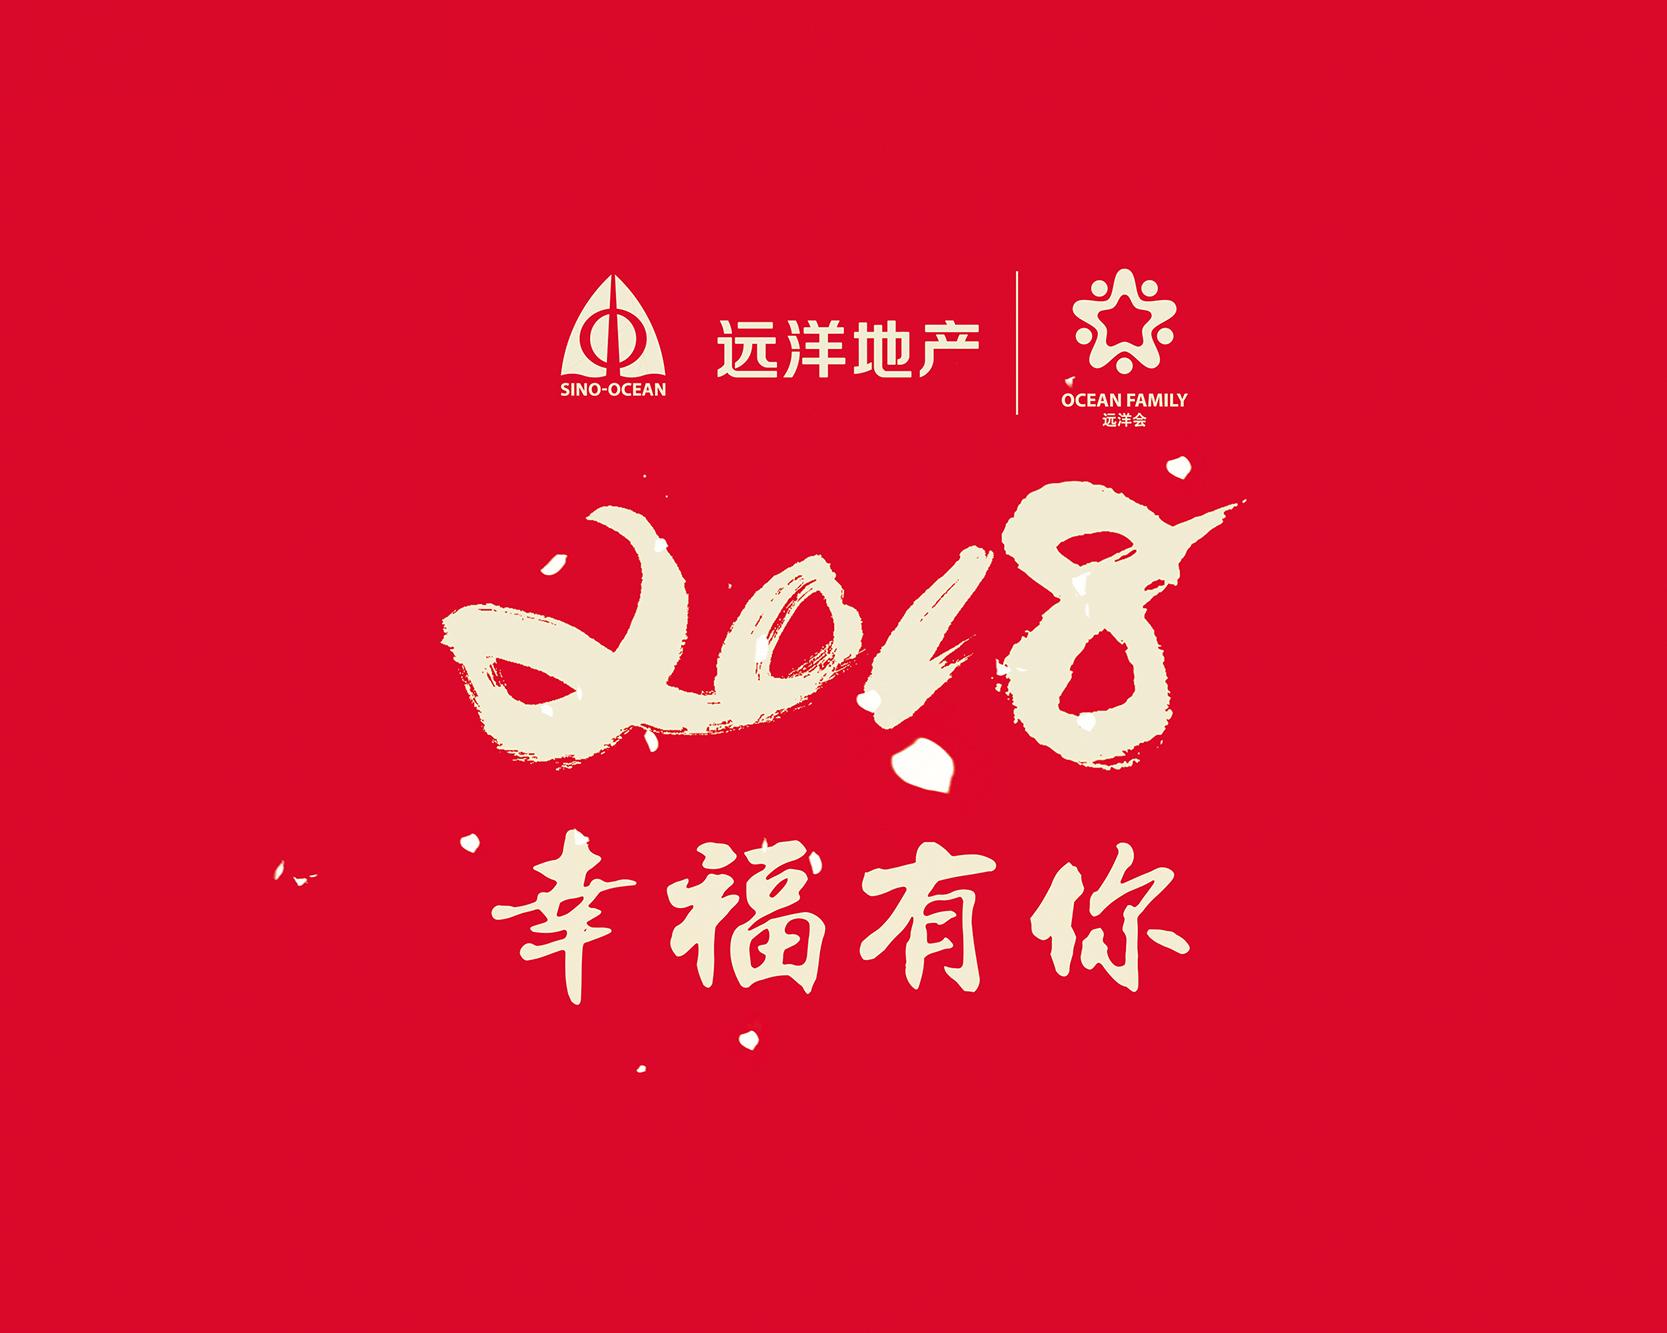 上海社区全家福活动策划